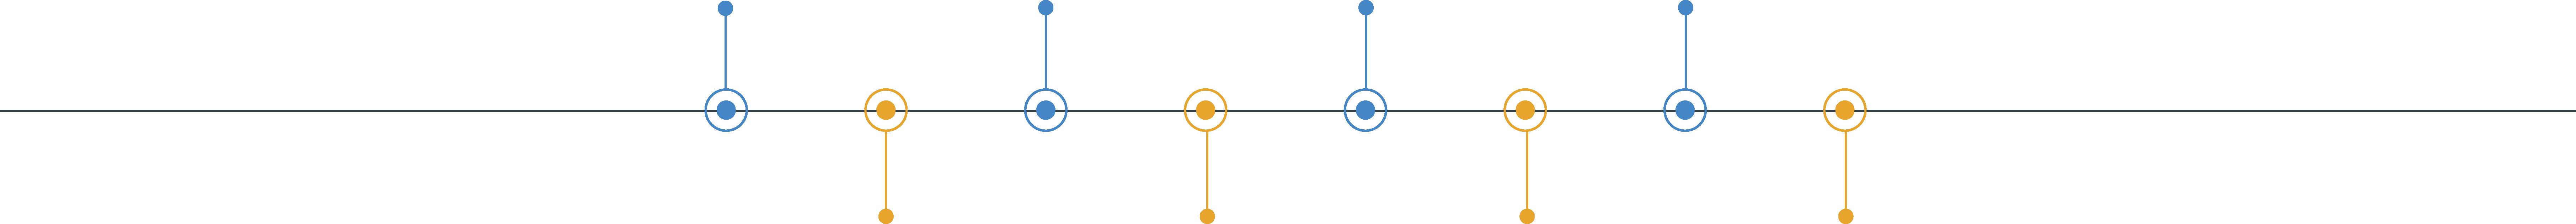 timeline-ver-desktop-tablet